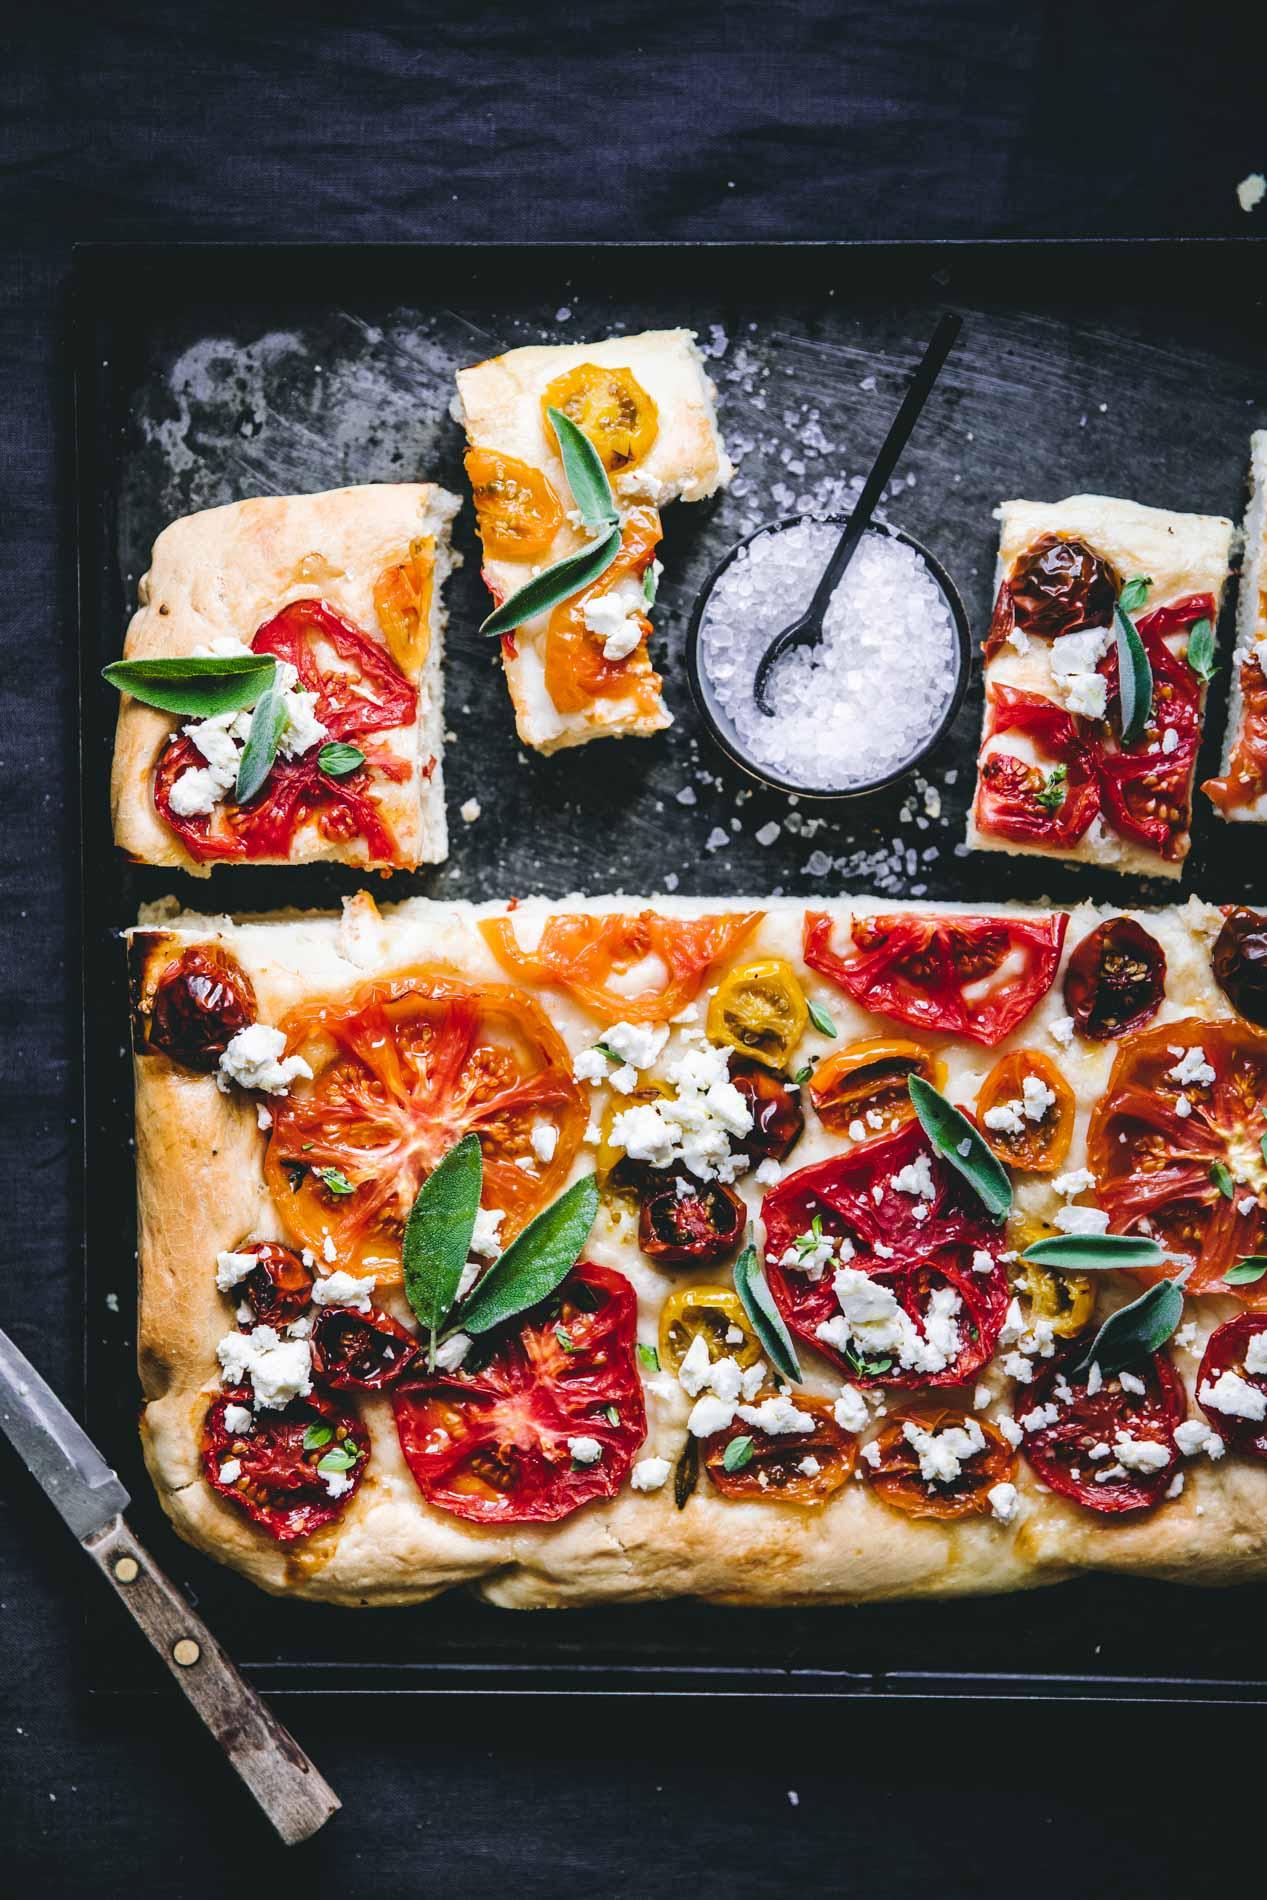 Schmeckt lauwarm am besten: Frisch gebackene Focaccia mit Tomaten.